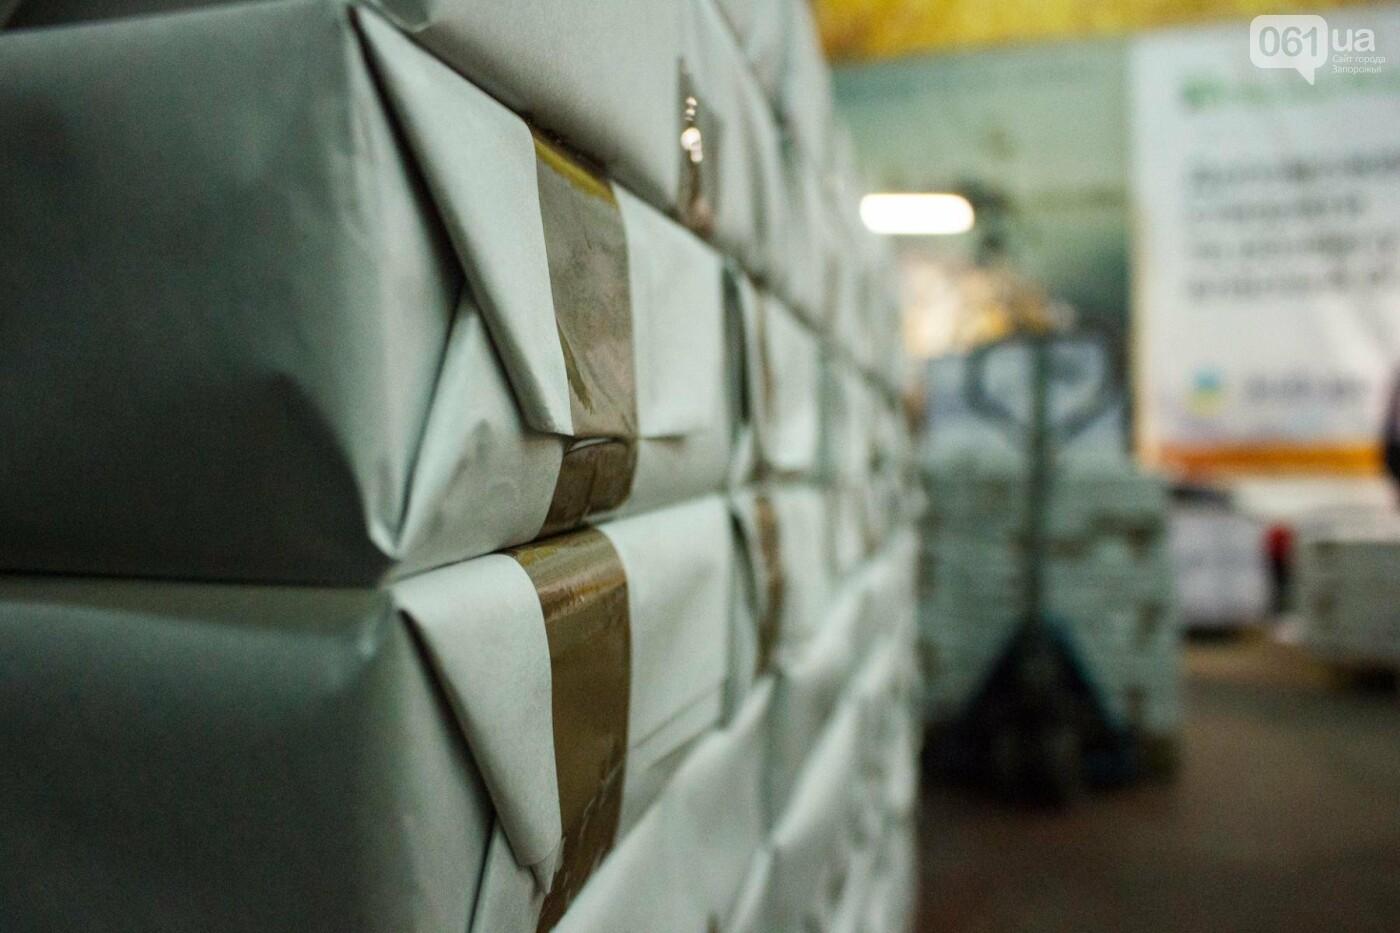 Как в Запорожье печатают газеты: экскурсия в типографию, - ФОТО, ВИДЕО, фото-26